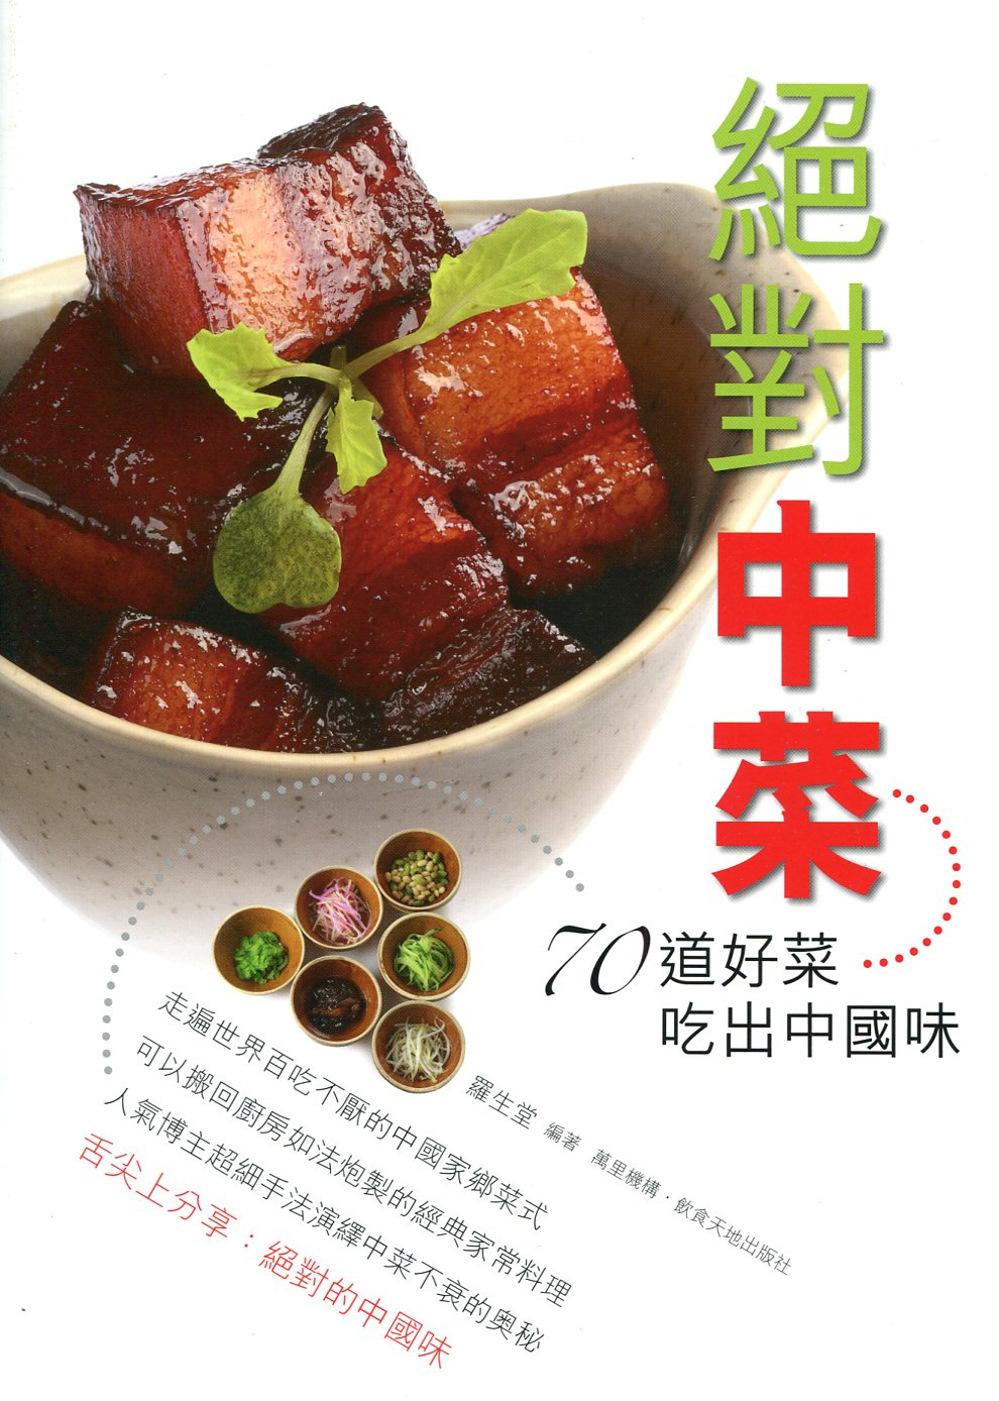 絕對中菜:70 道好菜吃出中國味